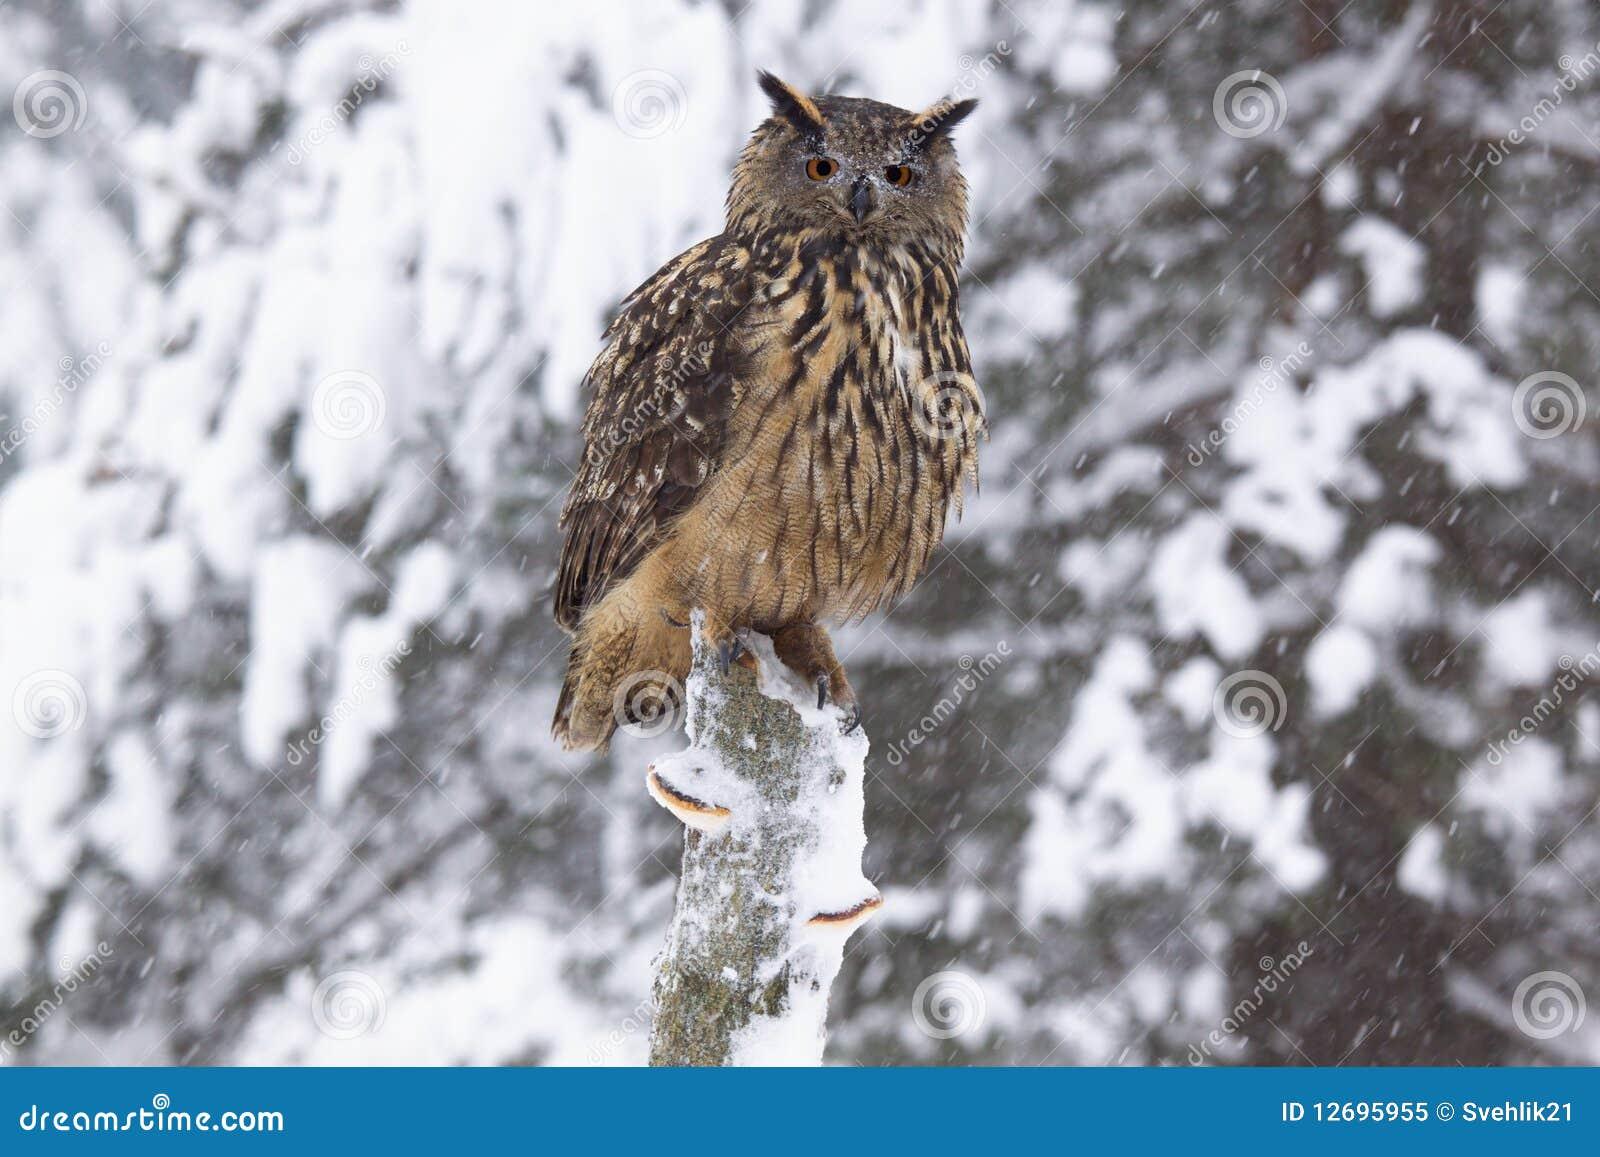 De uil /Bubo Bubo/van de adelaar